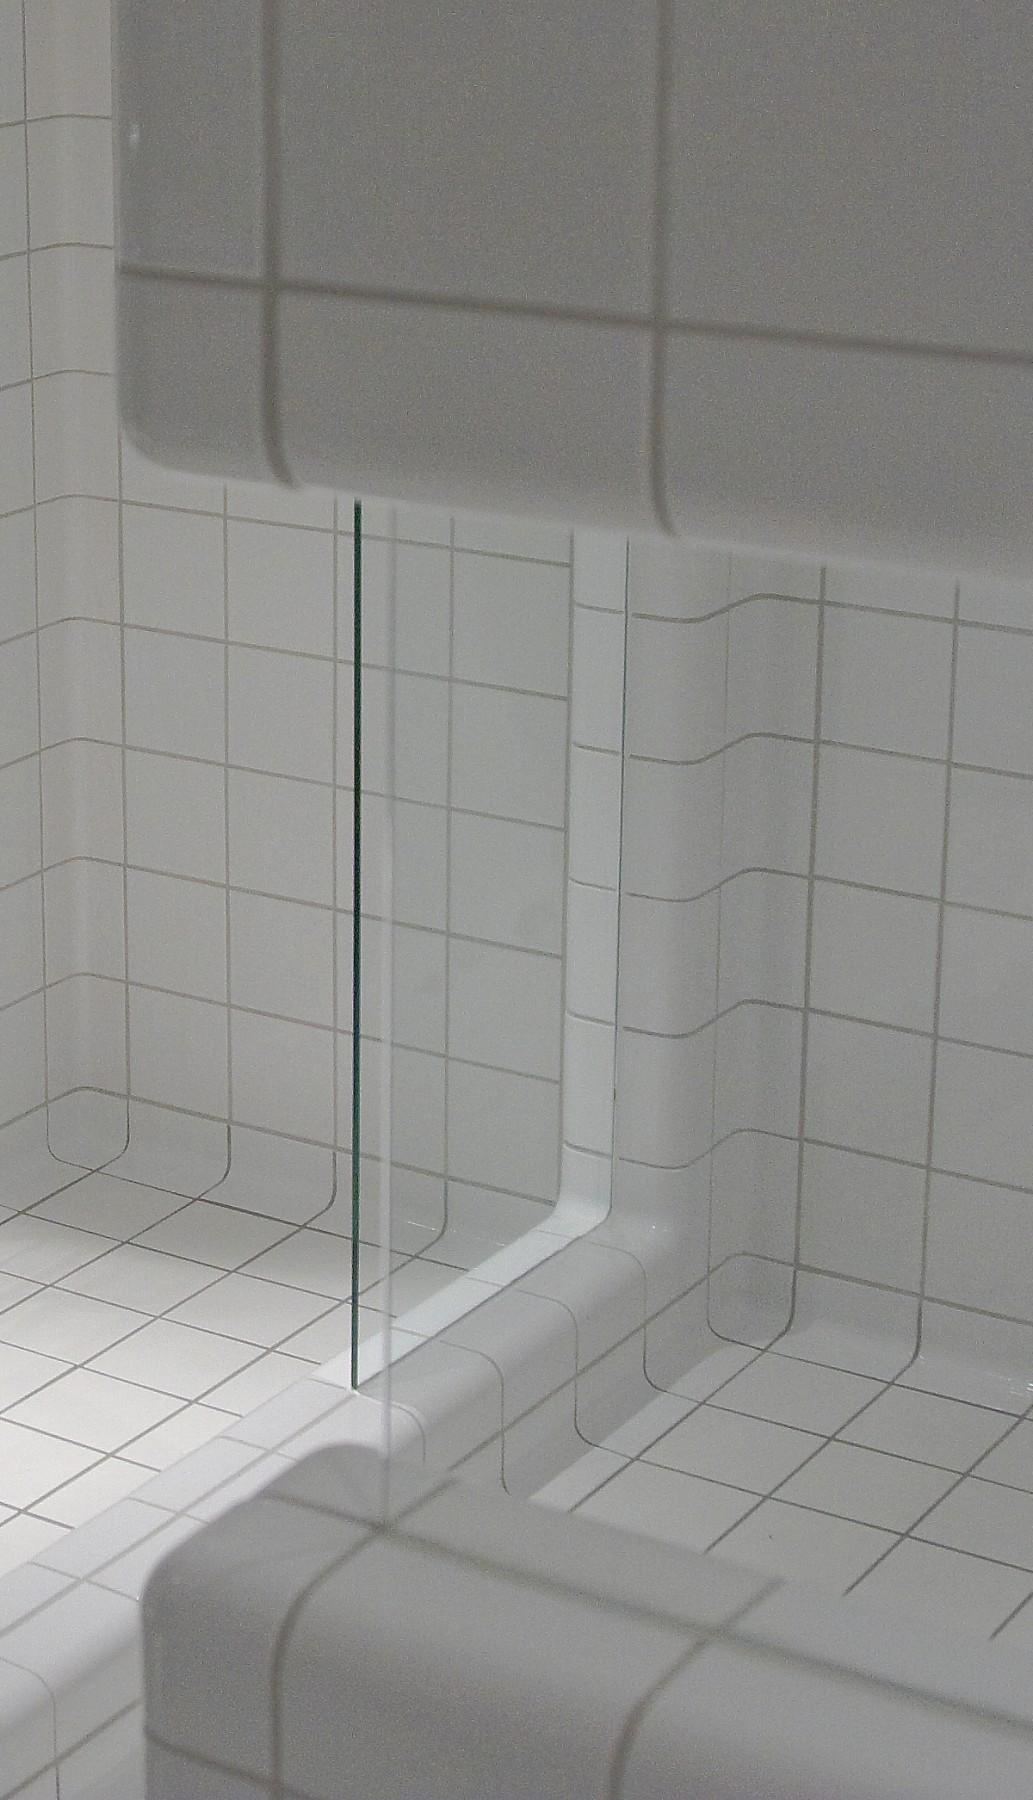 Betegelen van meubels met driedimensionale tegels in douche